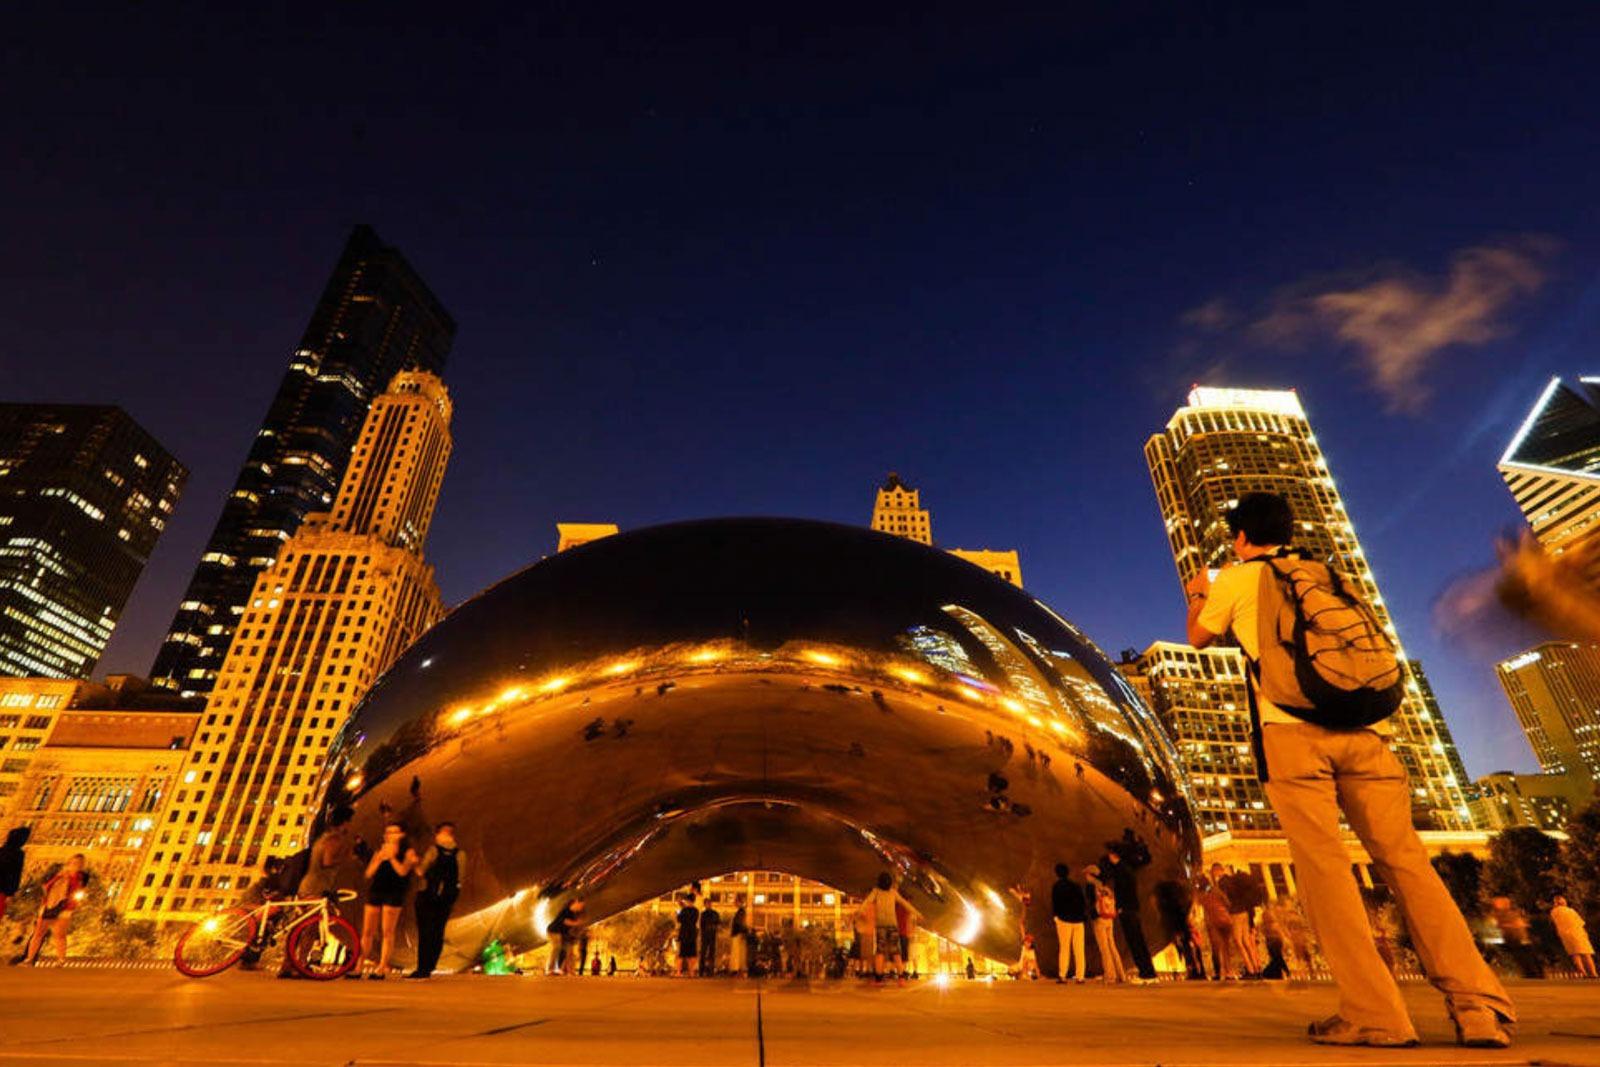 Cloud Gata e um dos mais lindos cenários de Chicago para a foto da viagem